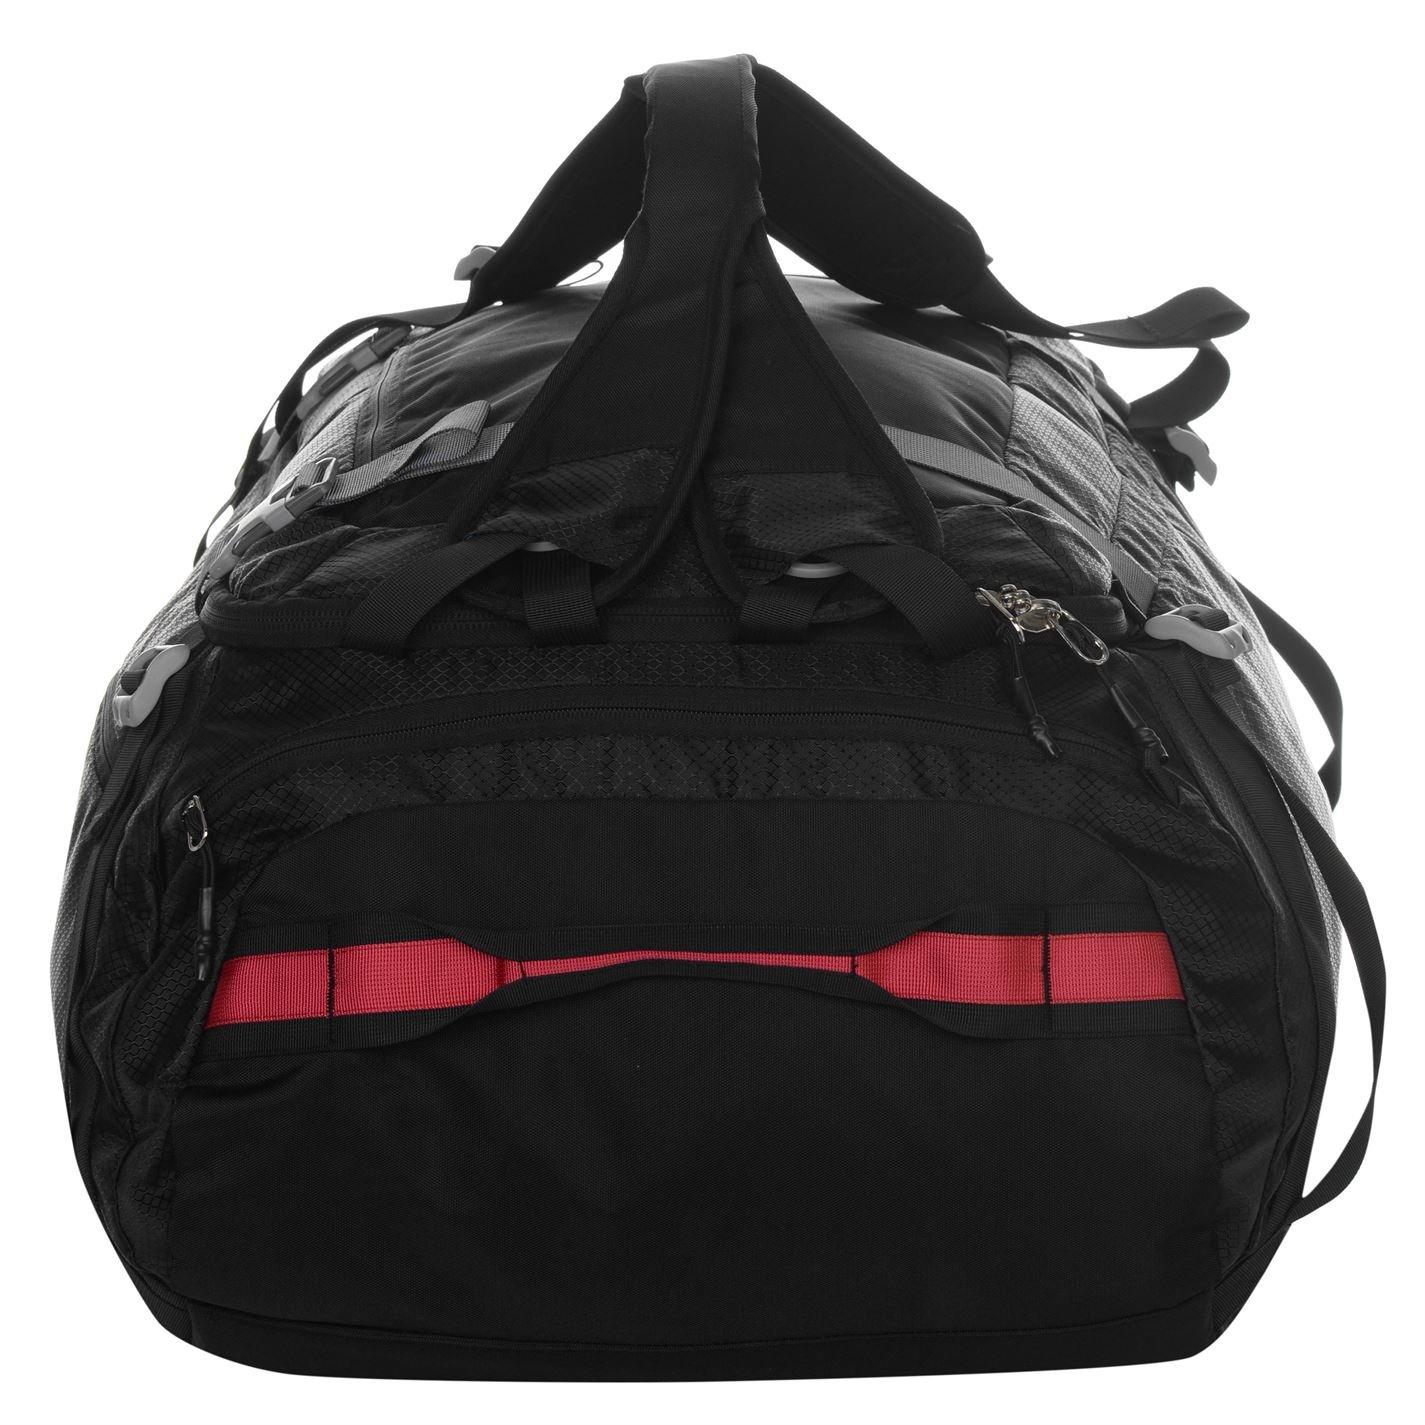 Karrimor Unisex Altitude 65L Water Resistant Holdall Bag